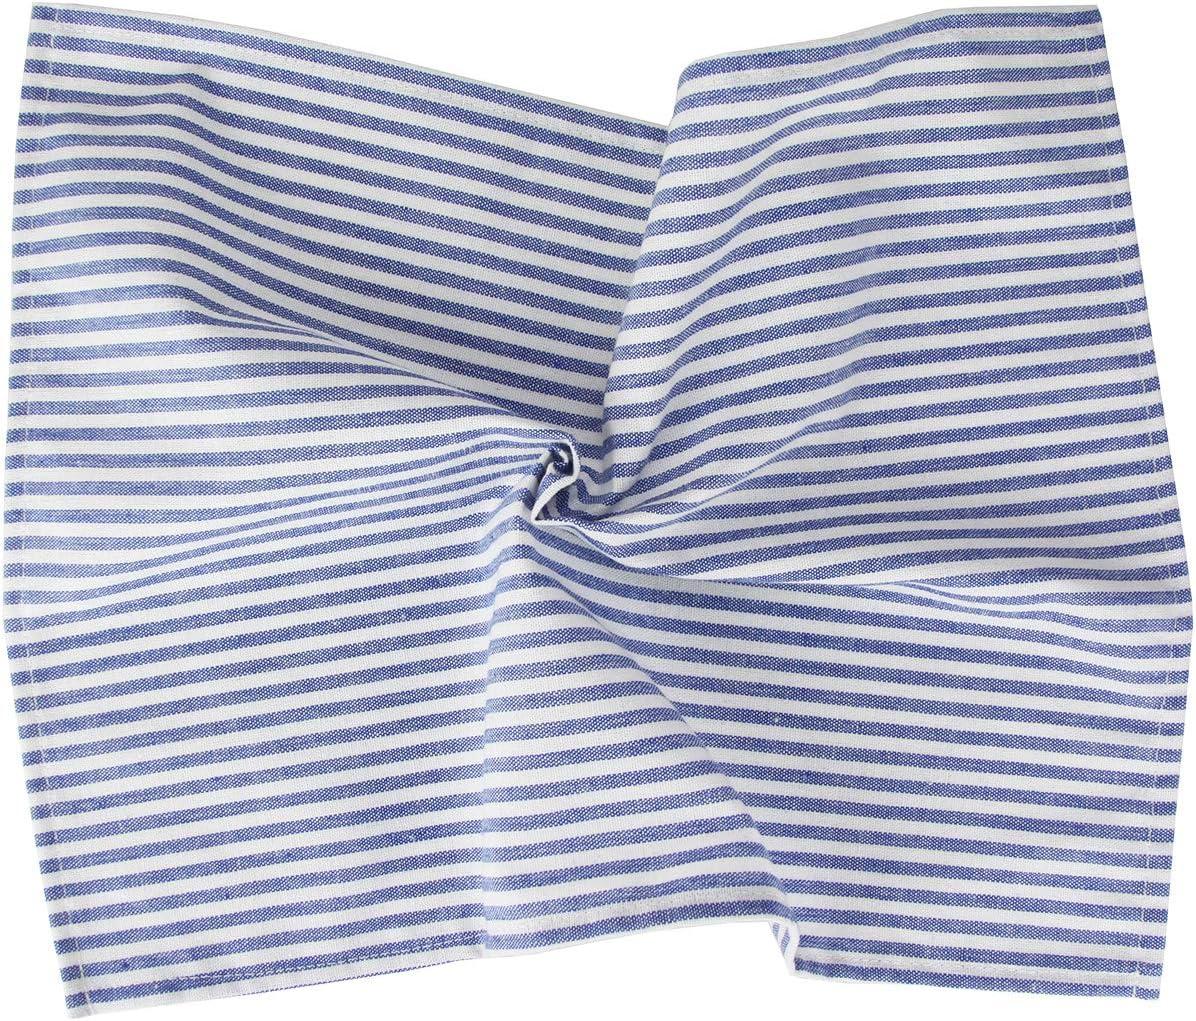 40 /%/_Polyester Polyester Leinen baumwolle 40 x 30 cm Set von 12 f/ür Veranstaltungen und Zuhause 40 x 30 cm INFEI Weiche einfarbige gestreifte Leinen-Baumwoll-Servietten blau